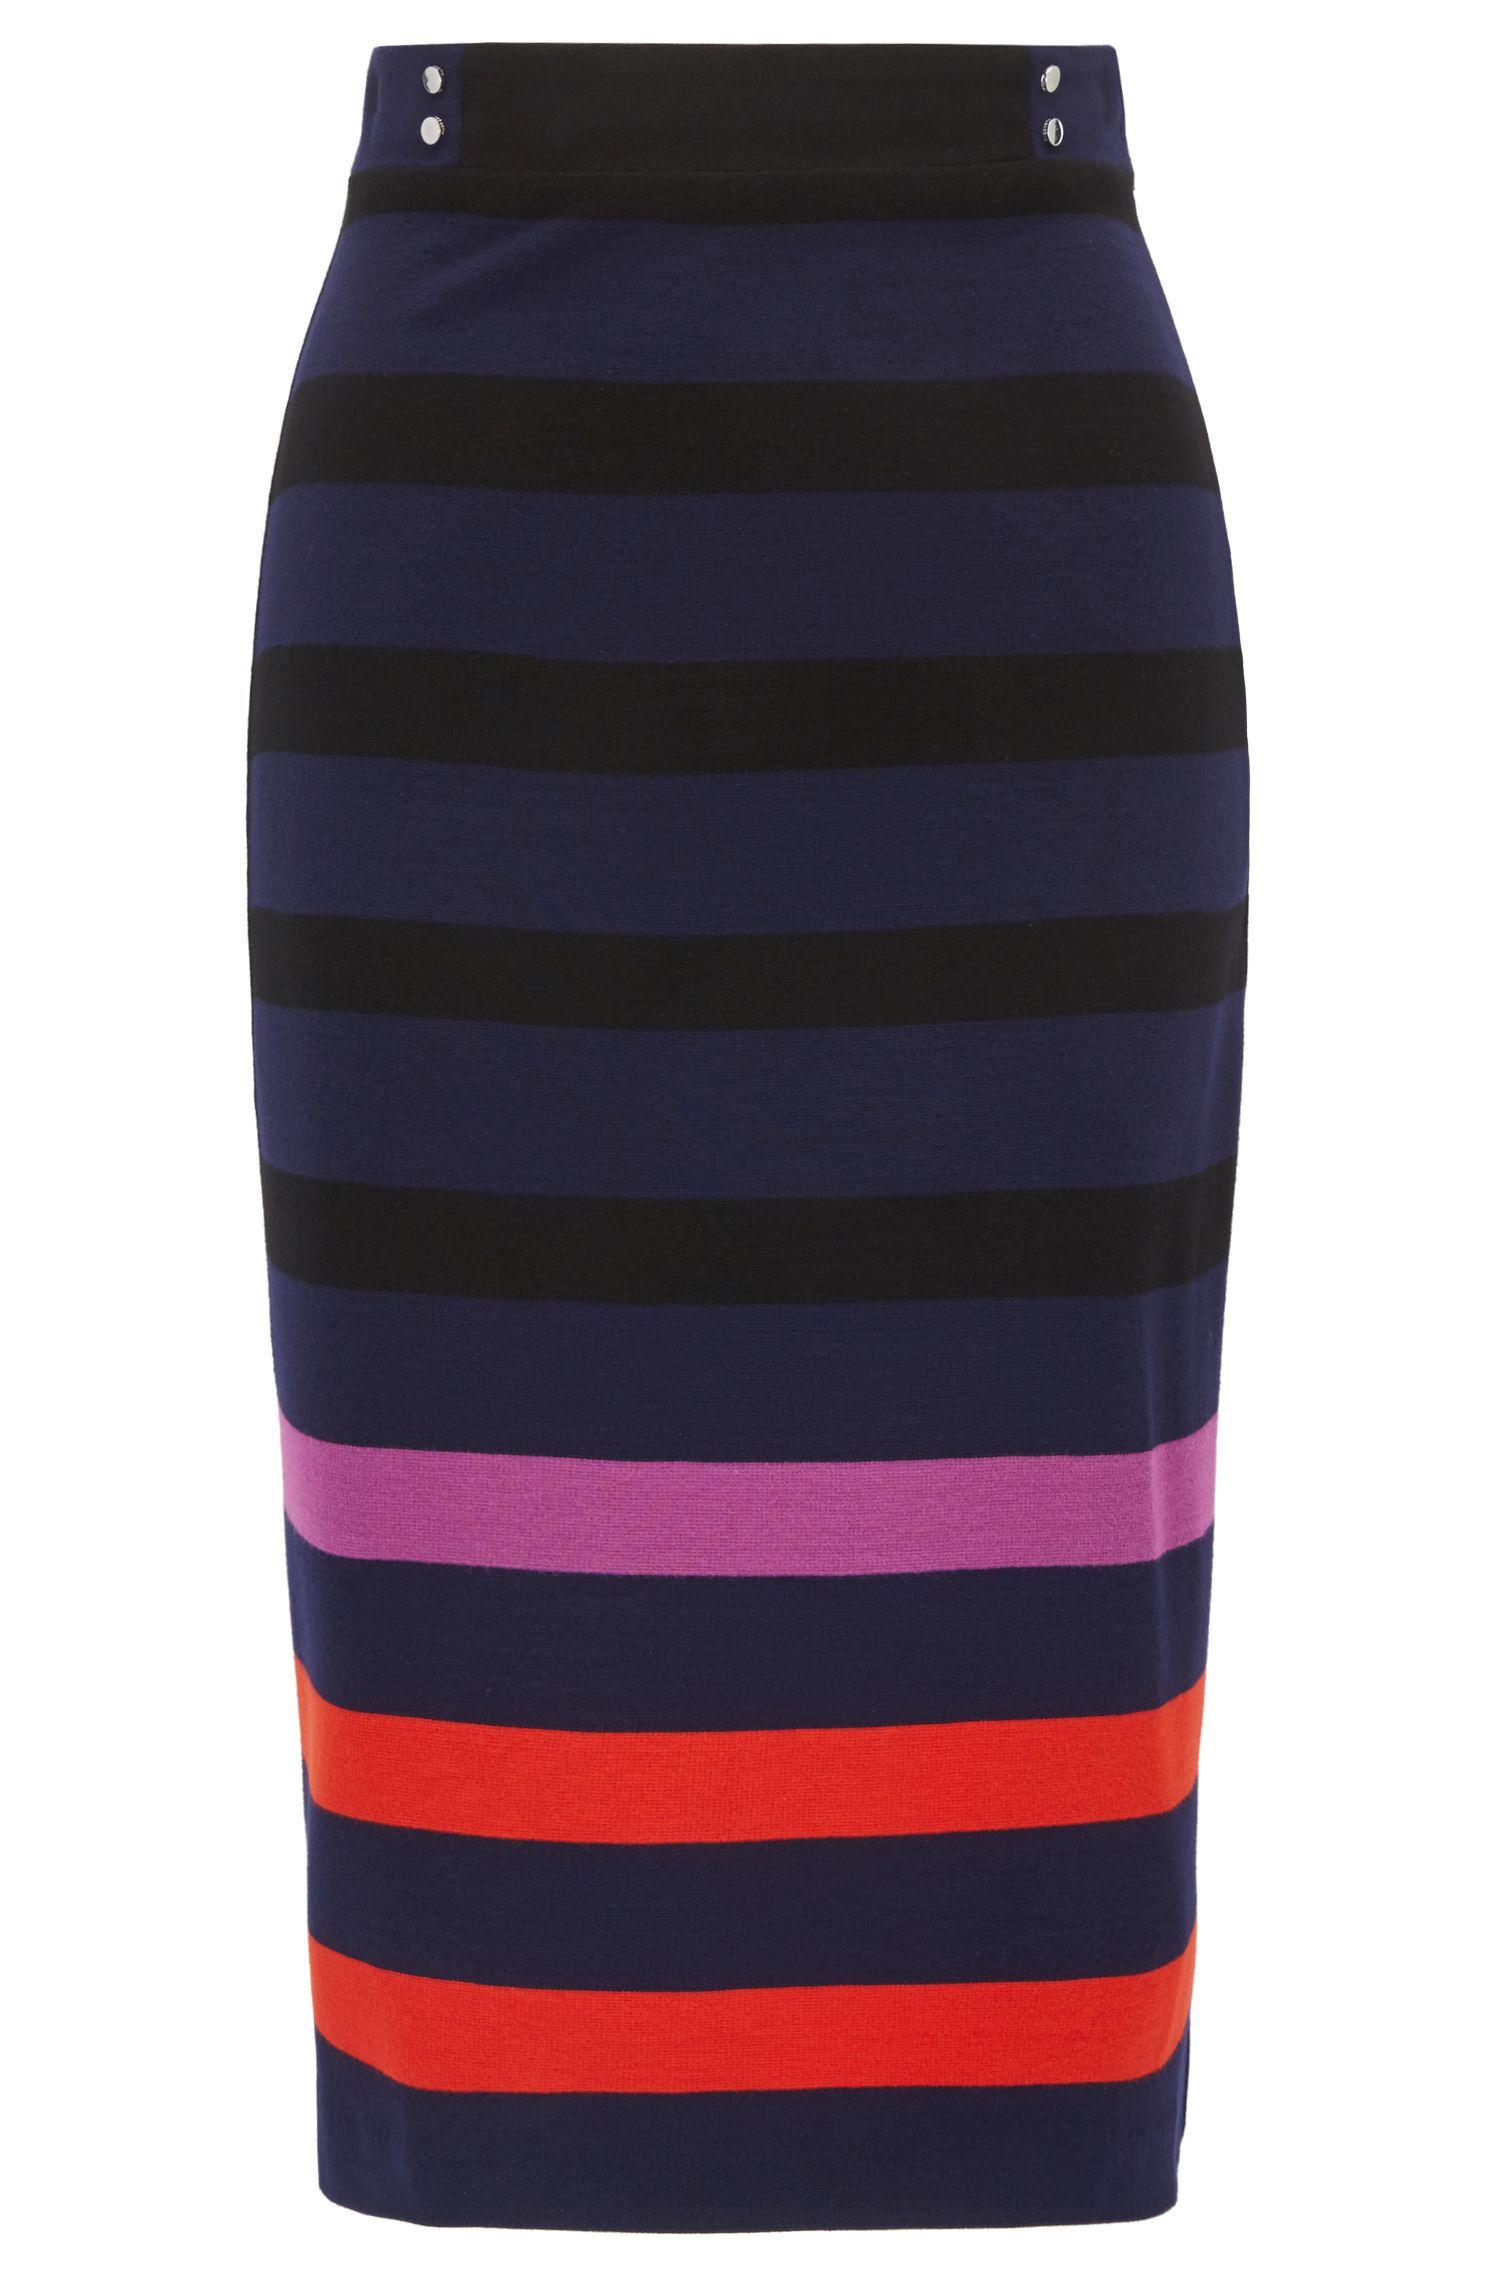 Bleistiftrock aus Jersey mit mehrfarbigen Streifen